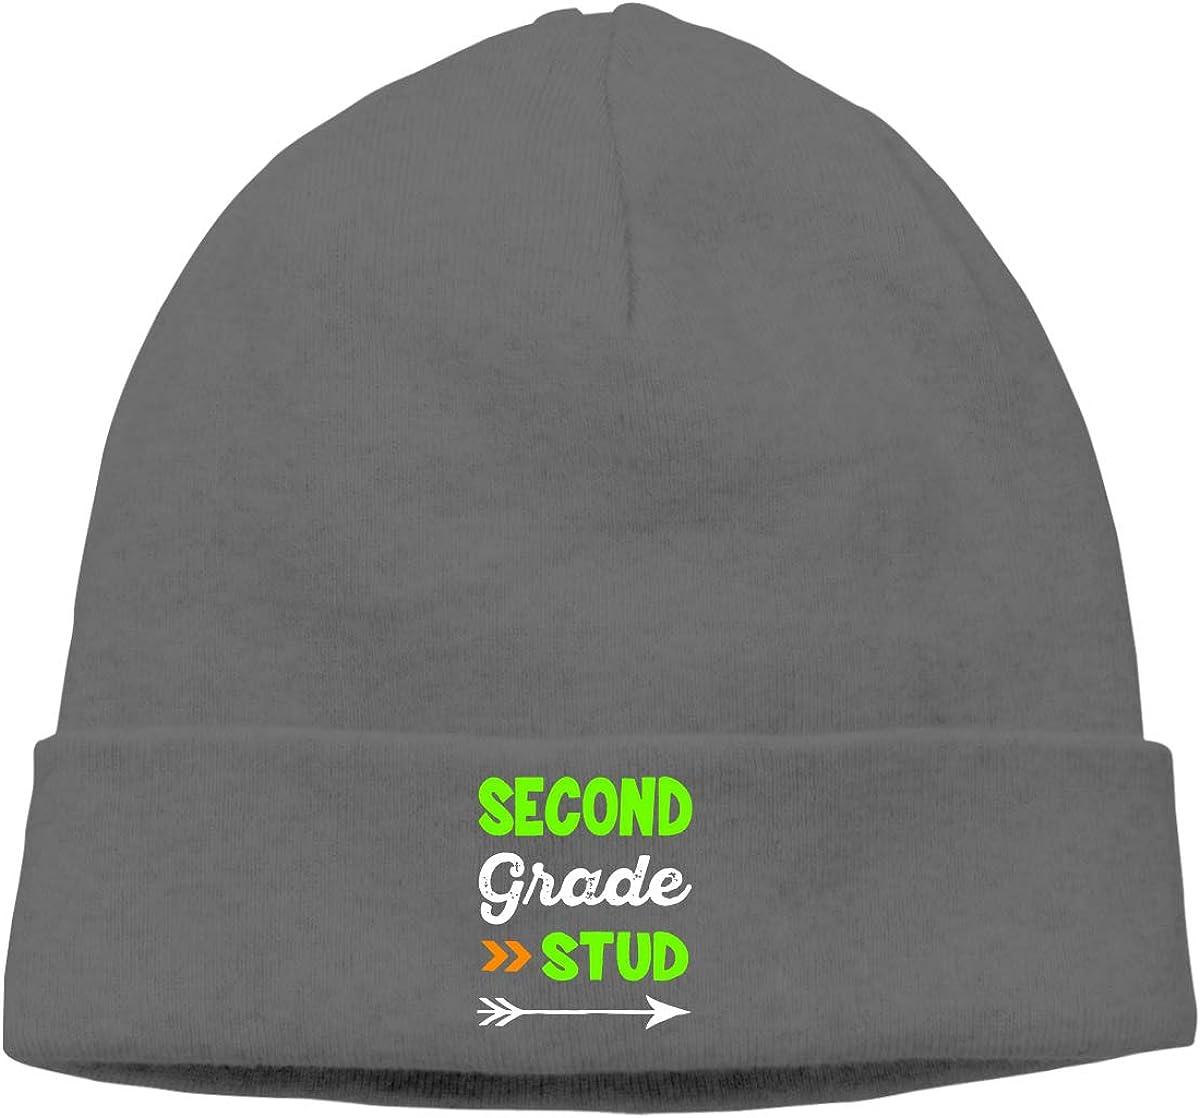 09/&JGJG Team 2nd Second Grade Men and Women Beanie Winter Warm Knit Beanie Cap